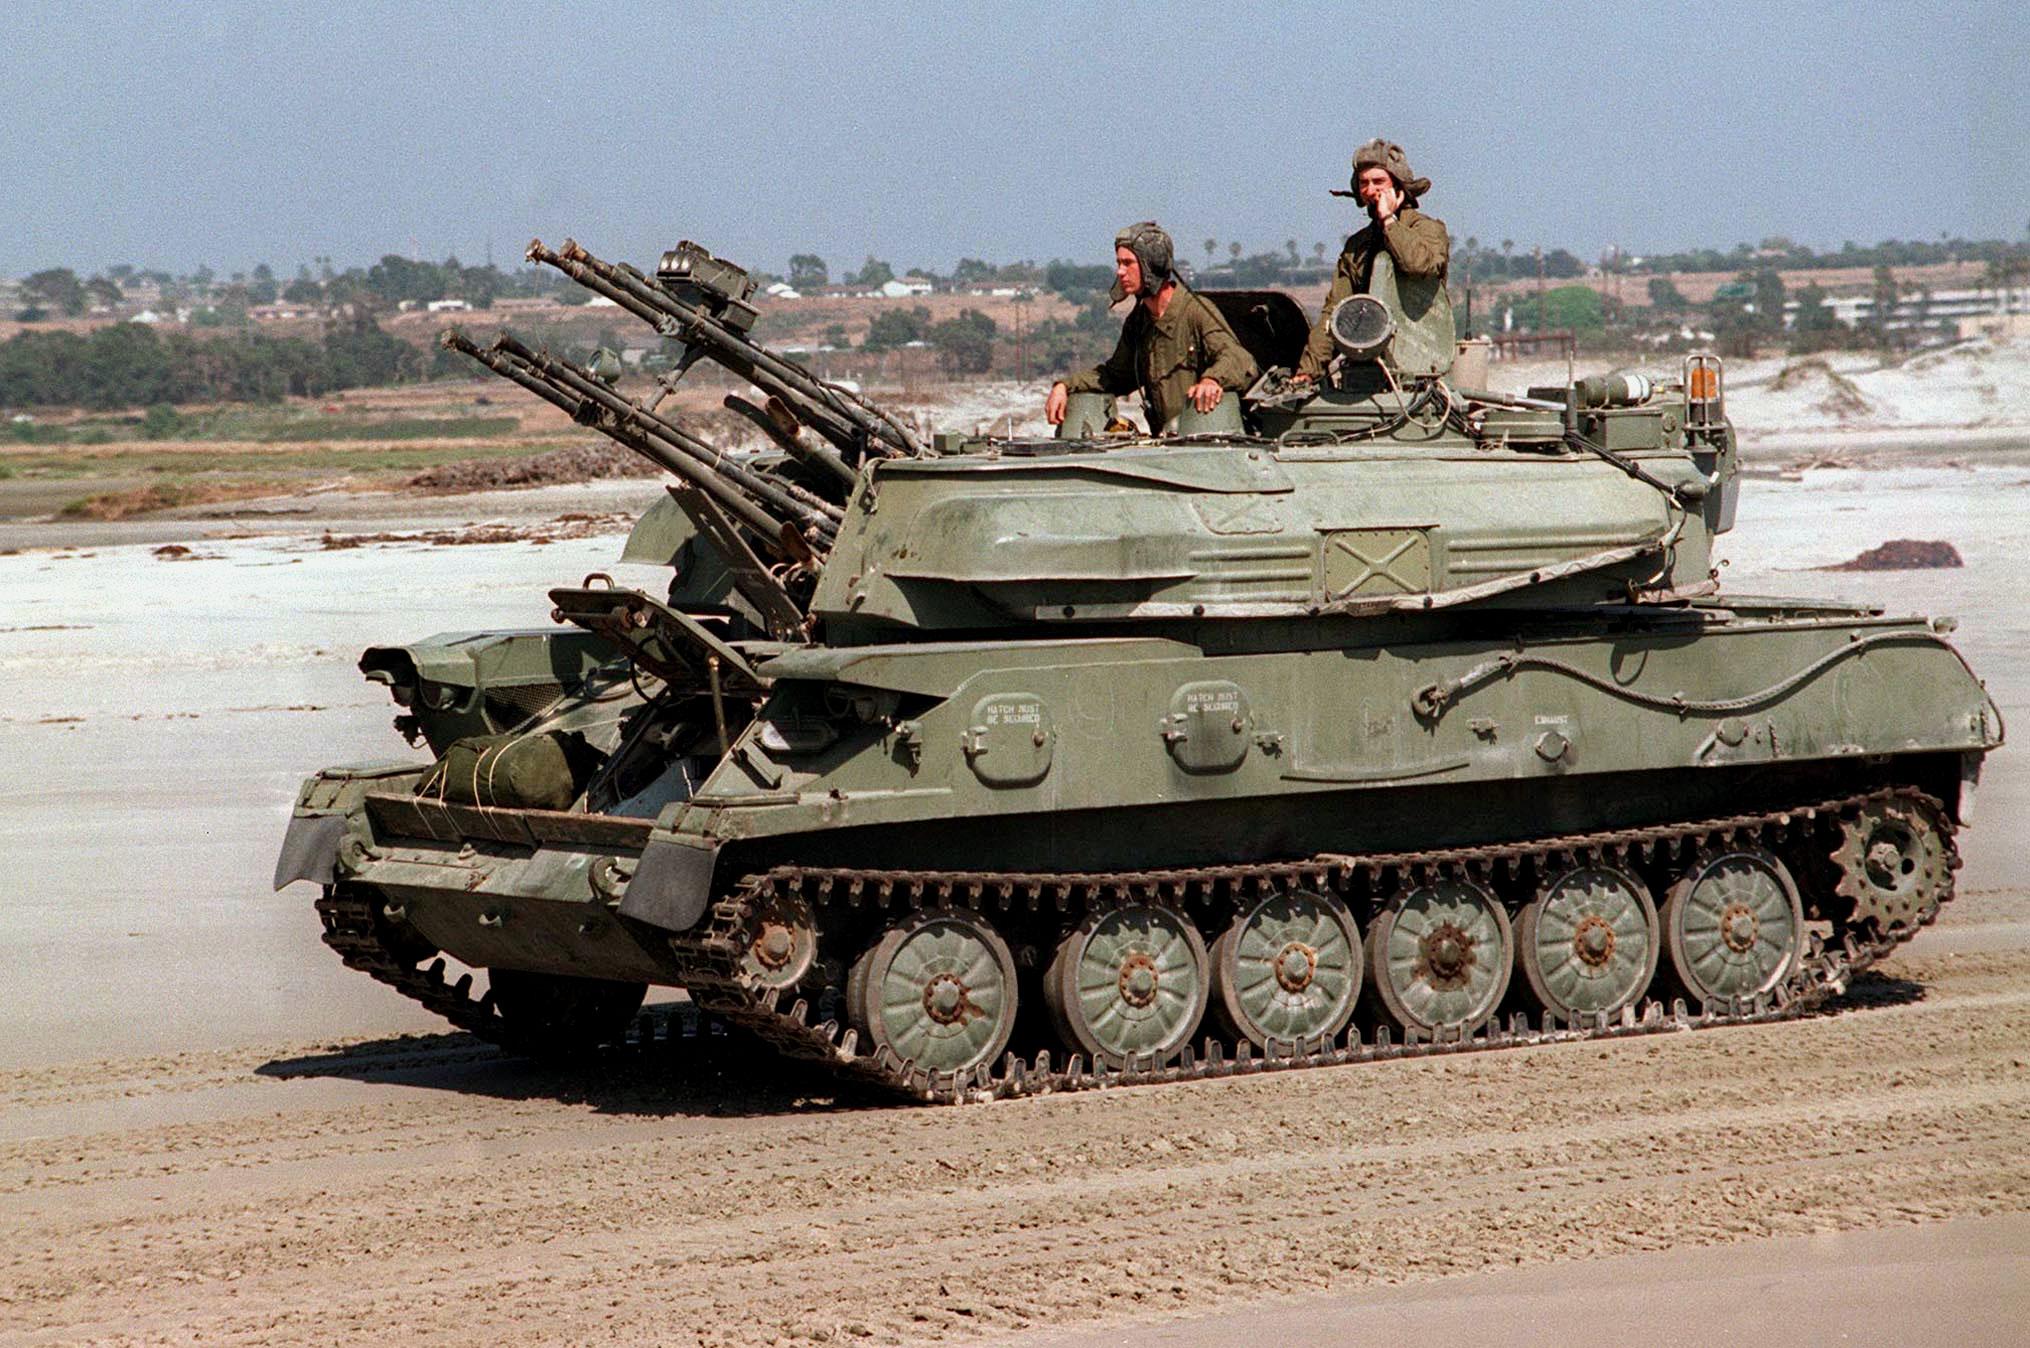 Pháo phòng không ZSU-23-4 được đánh giá là có sức mạnh hỏa lực mạnh mẽ để tiêu diệt bộ binh